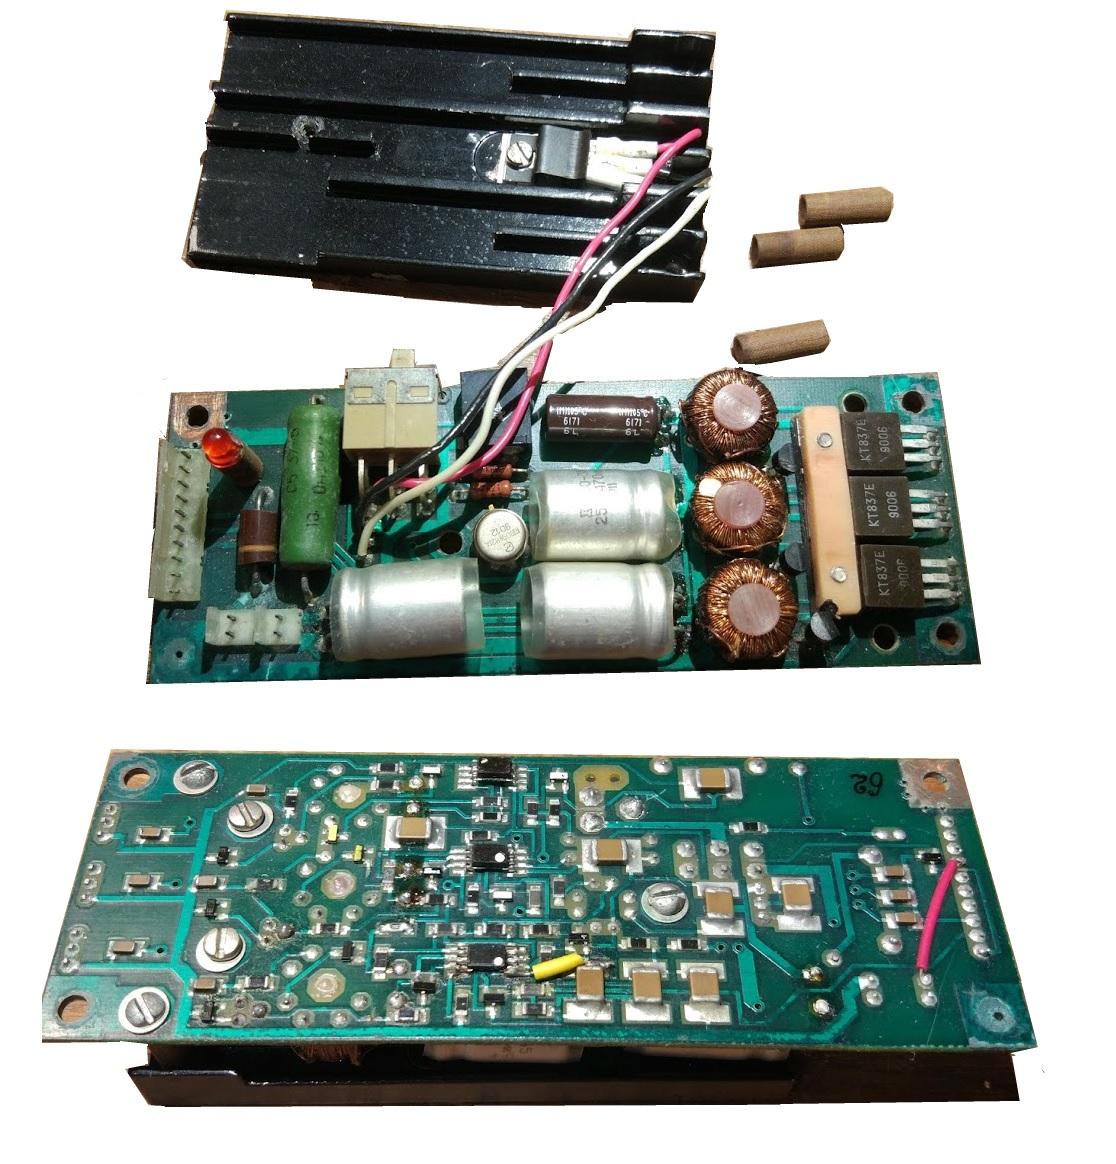 Вариант опытного стабилизатора или из ранних партий ноутбука, фото Byteman, ноутбук из коллекции silensilen